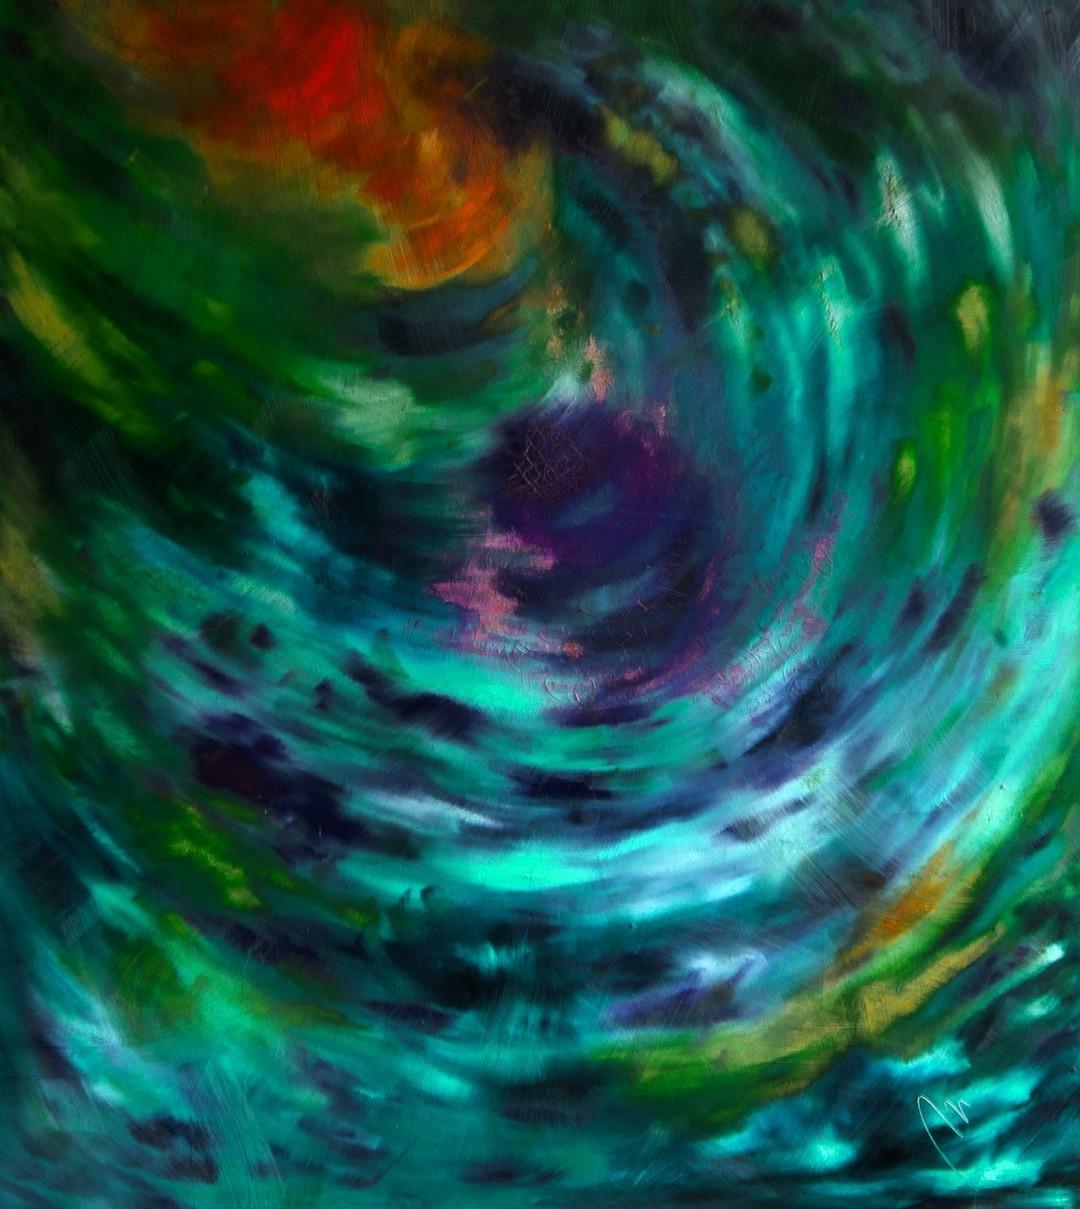 Tajemství - olej na sololitu - 138 x 123 cm - r. 2008, barva 5